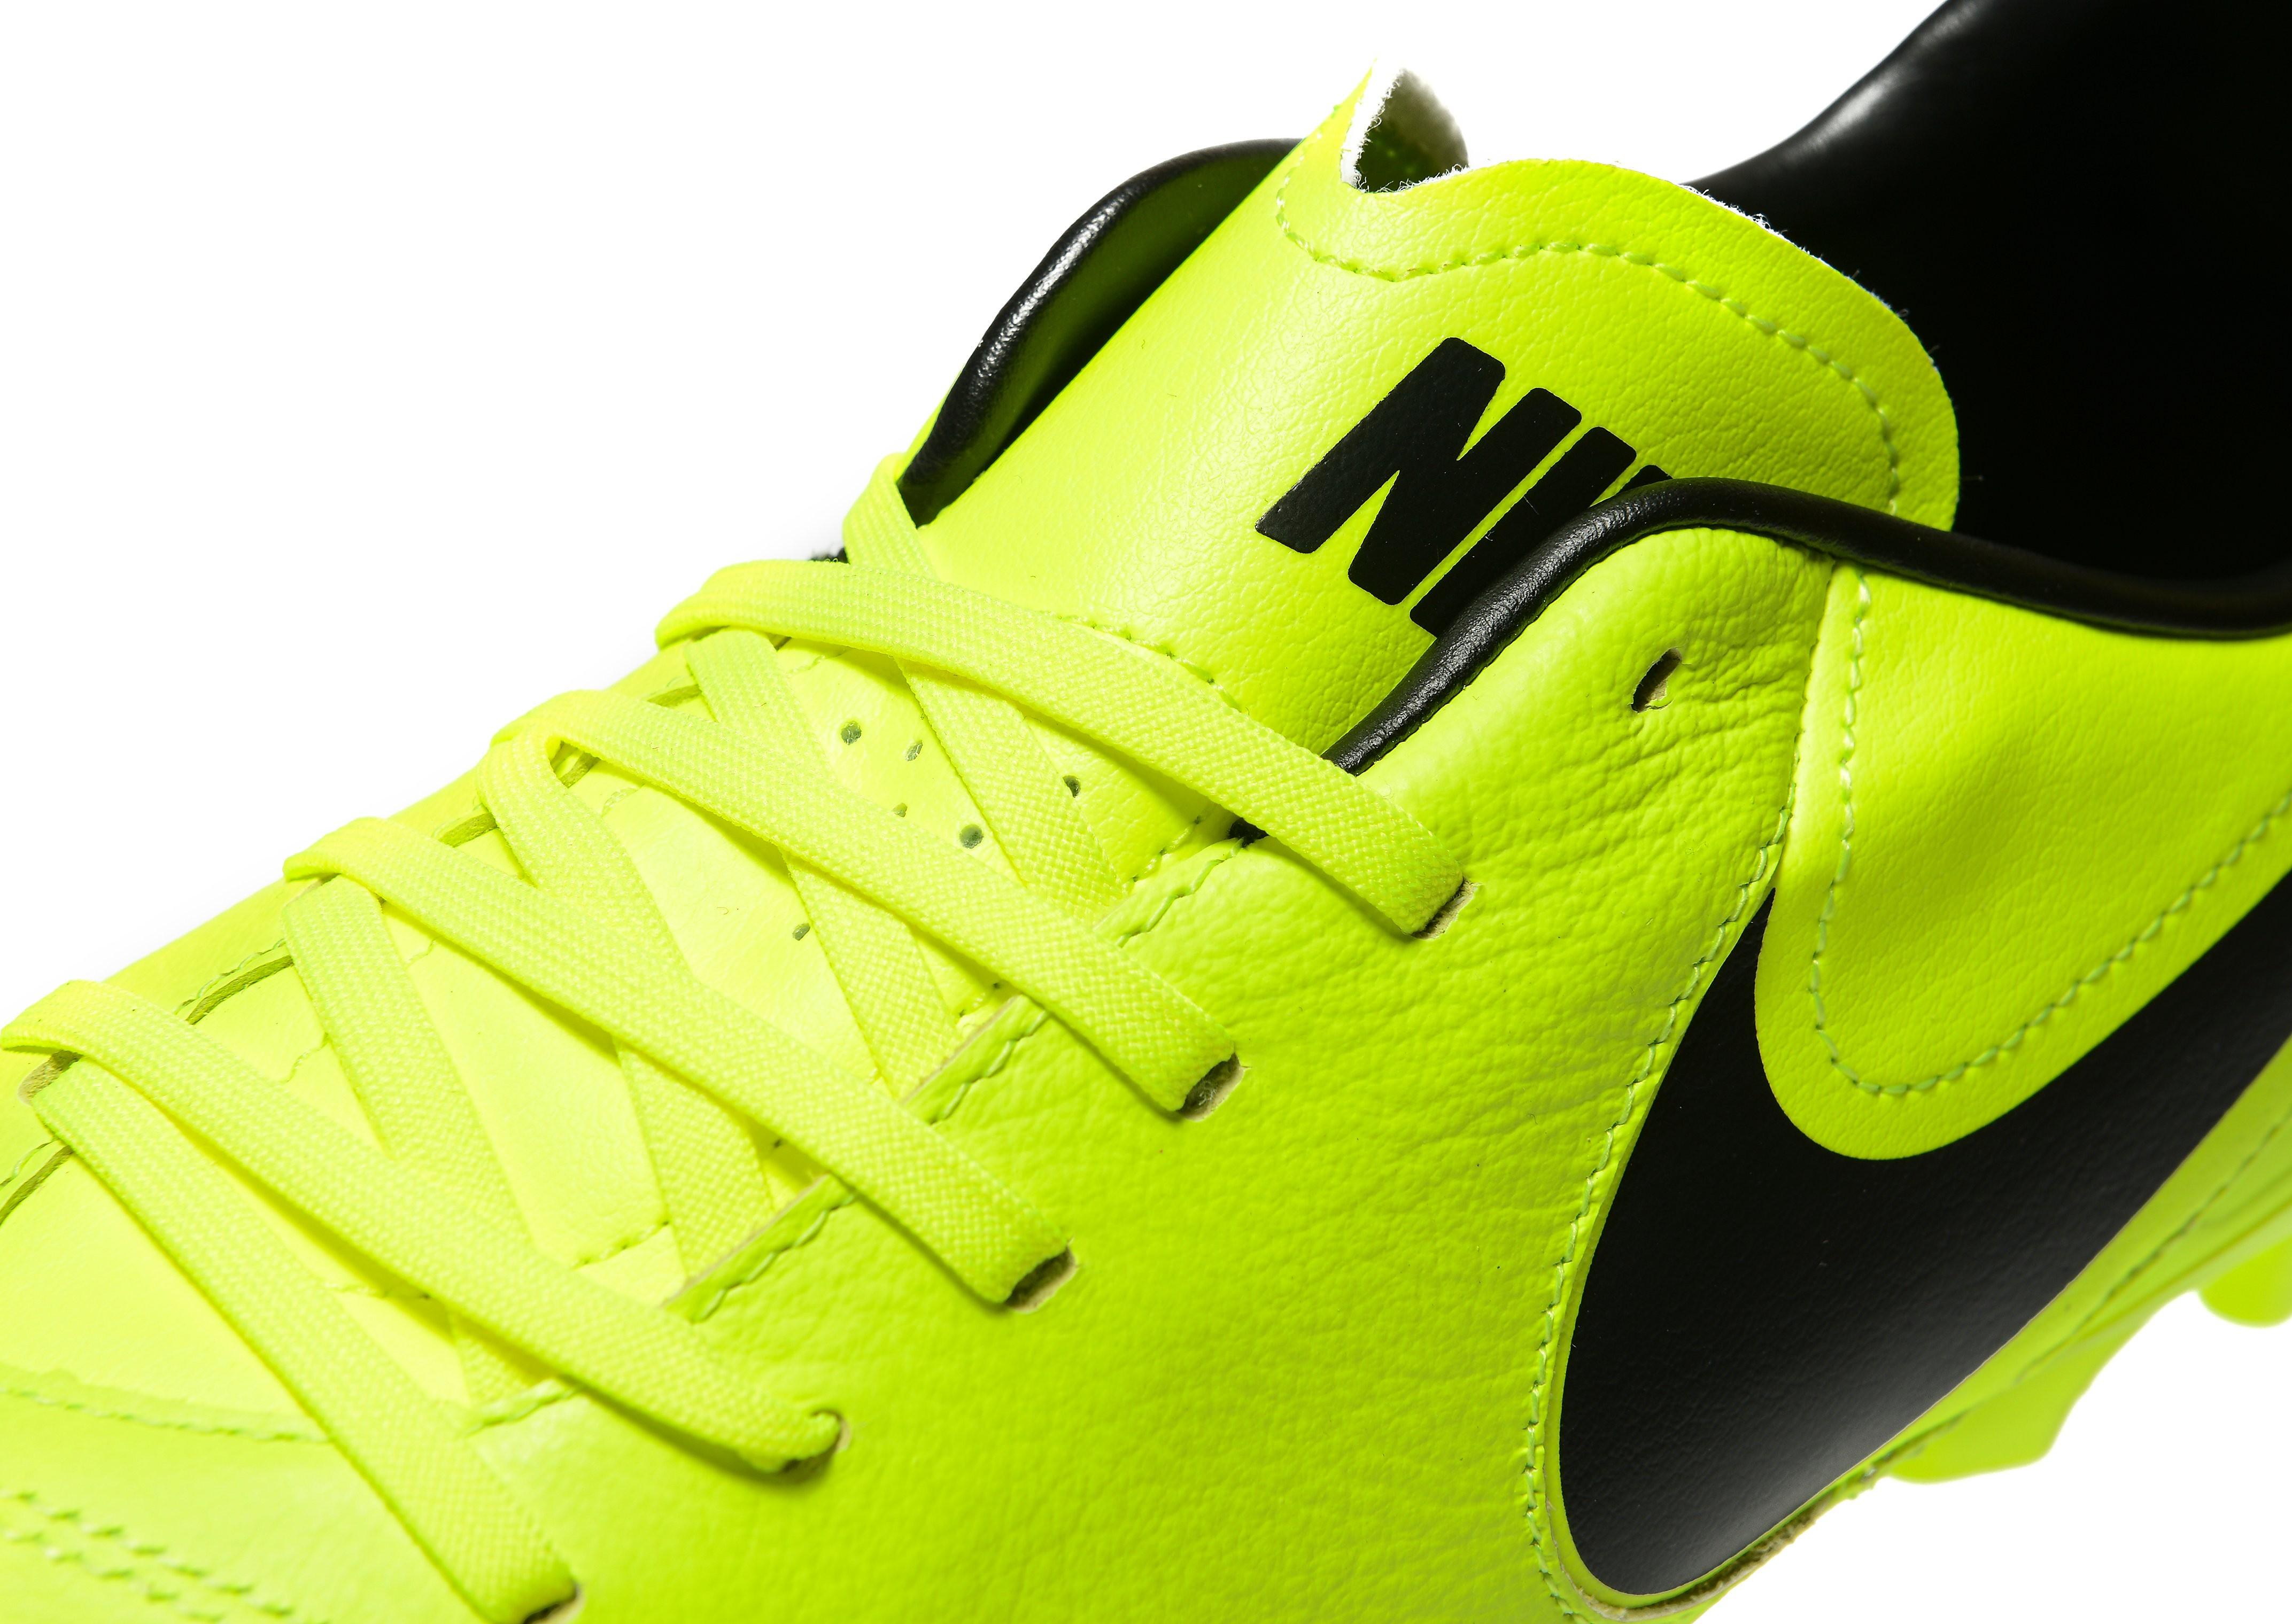 Nike Radiation Flare Tiempo Mystic VI FG